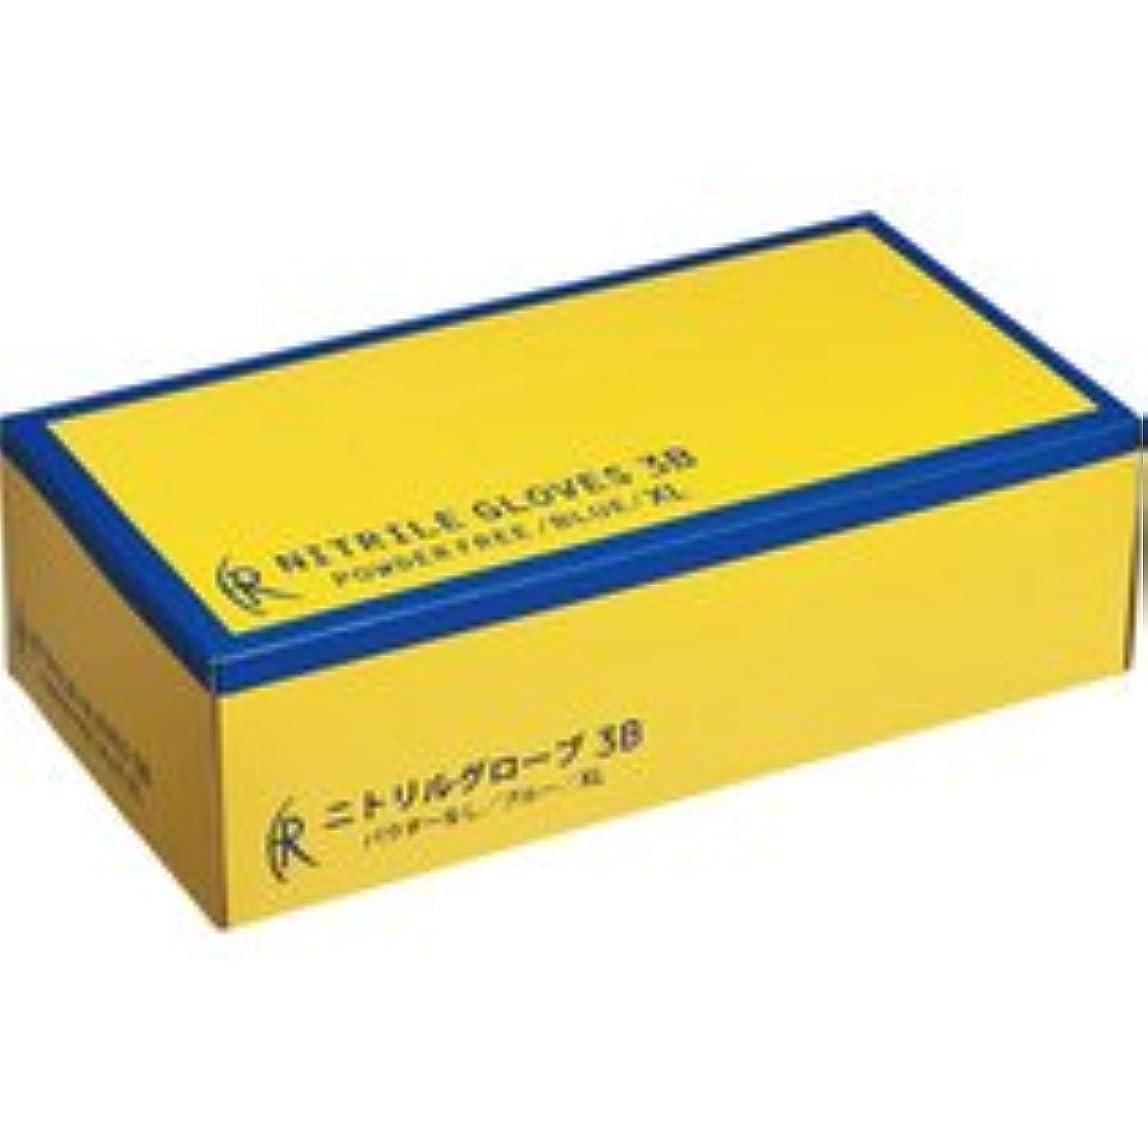 想起パーク翻訳ファーストレイト ニトリルグローブ3B パウダーフリー XL FR-5664 1箱(200枚)